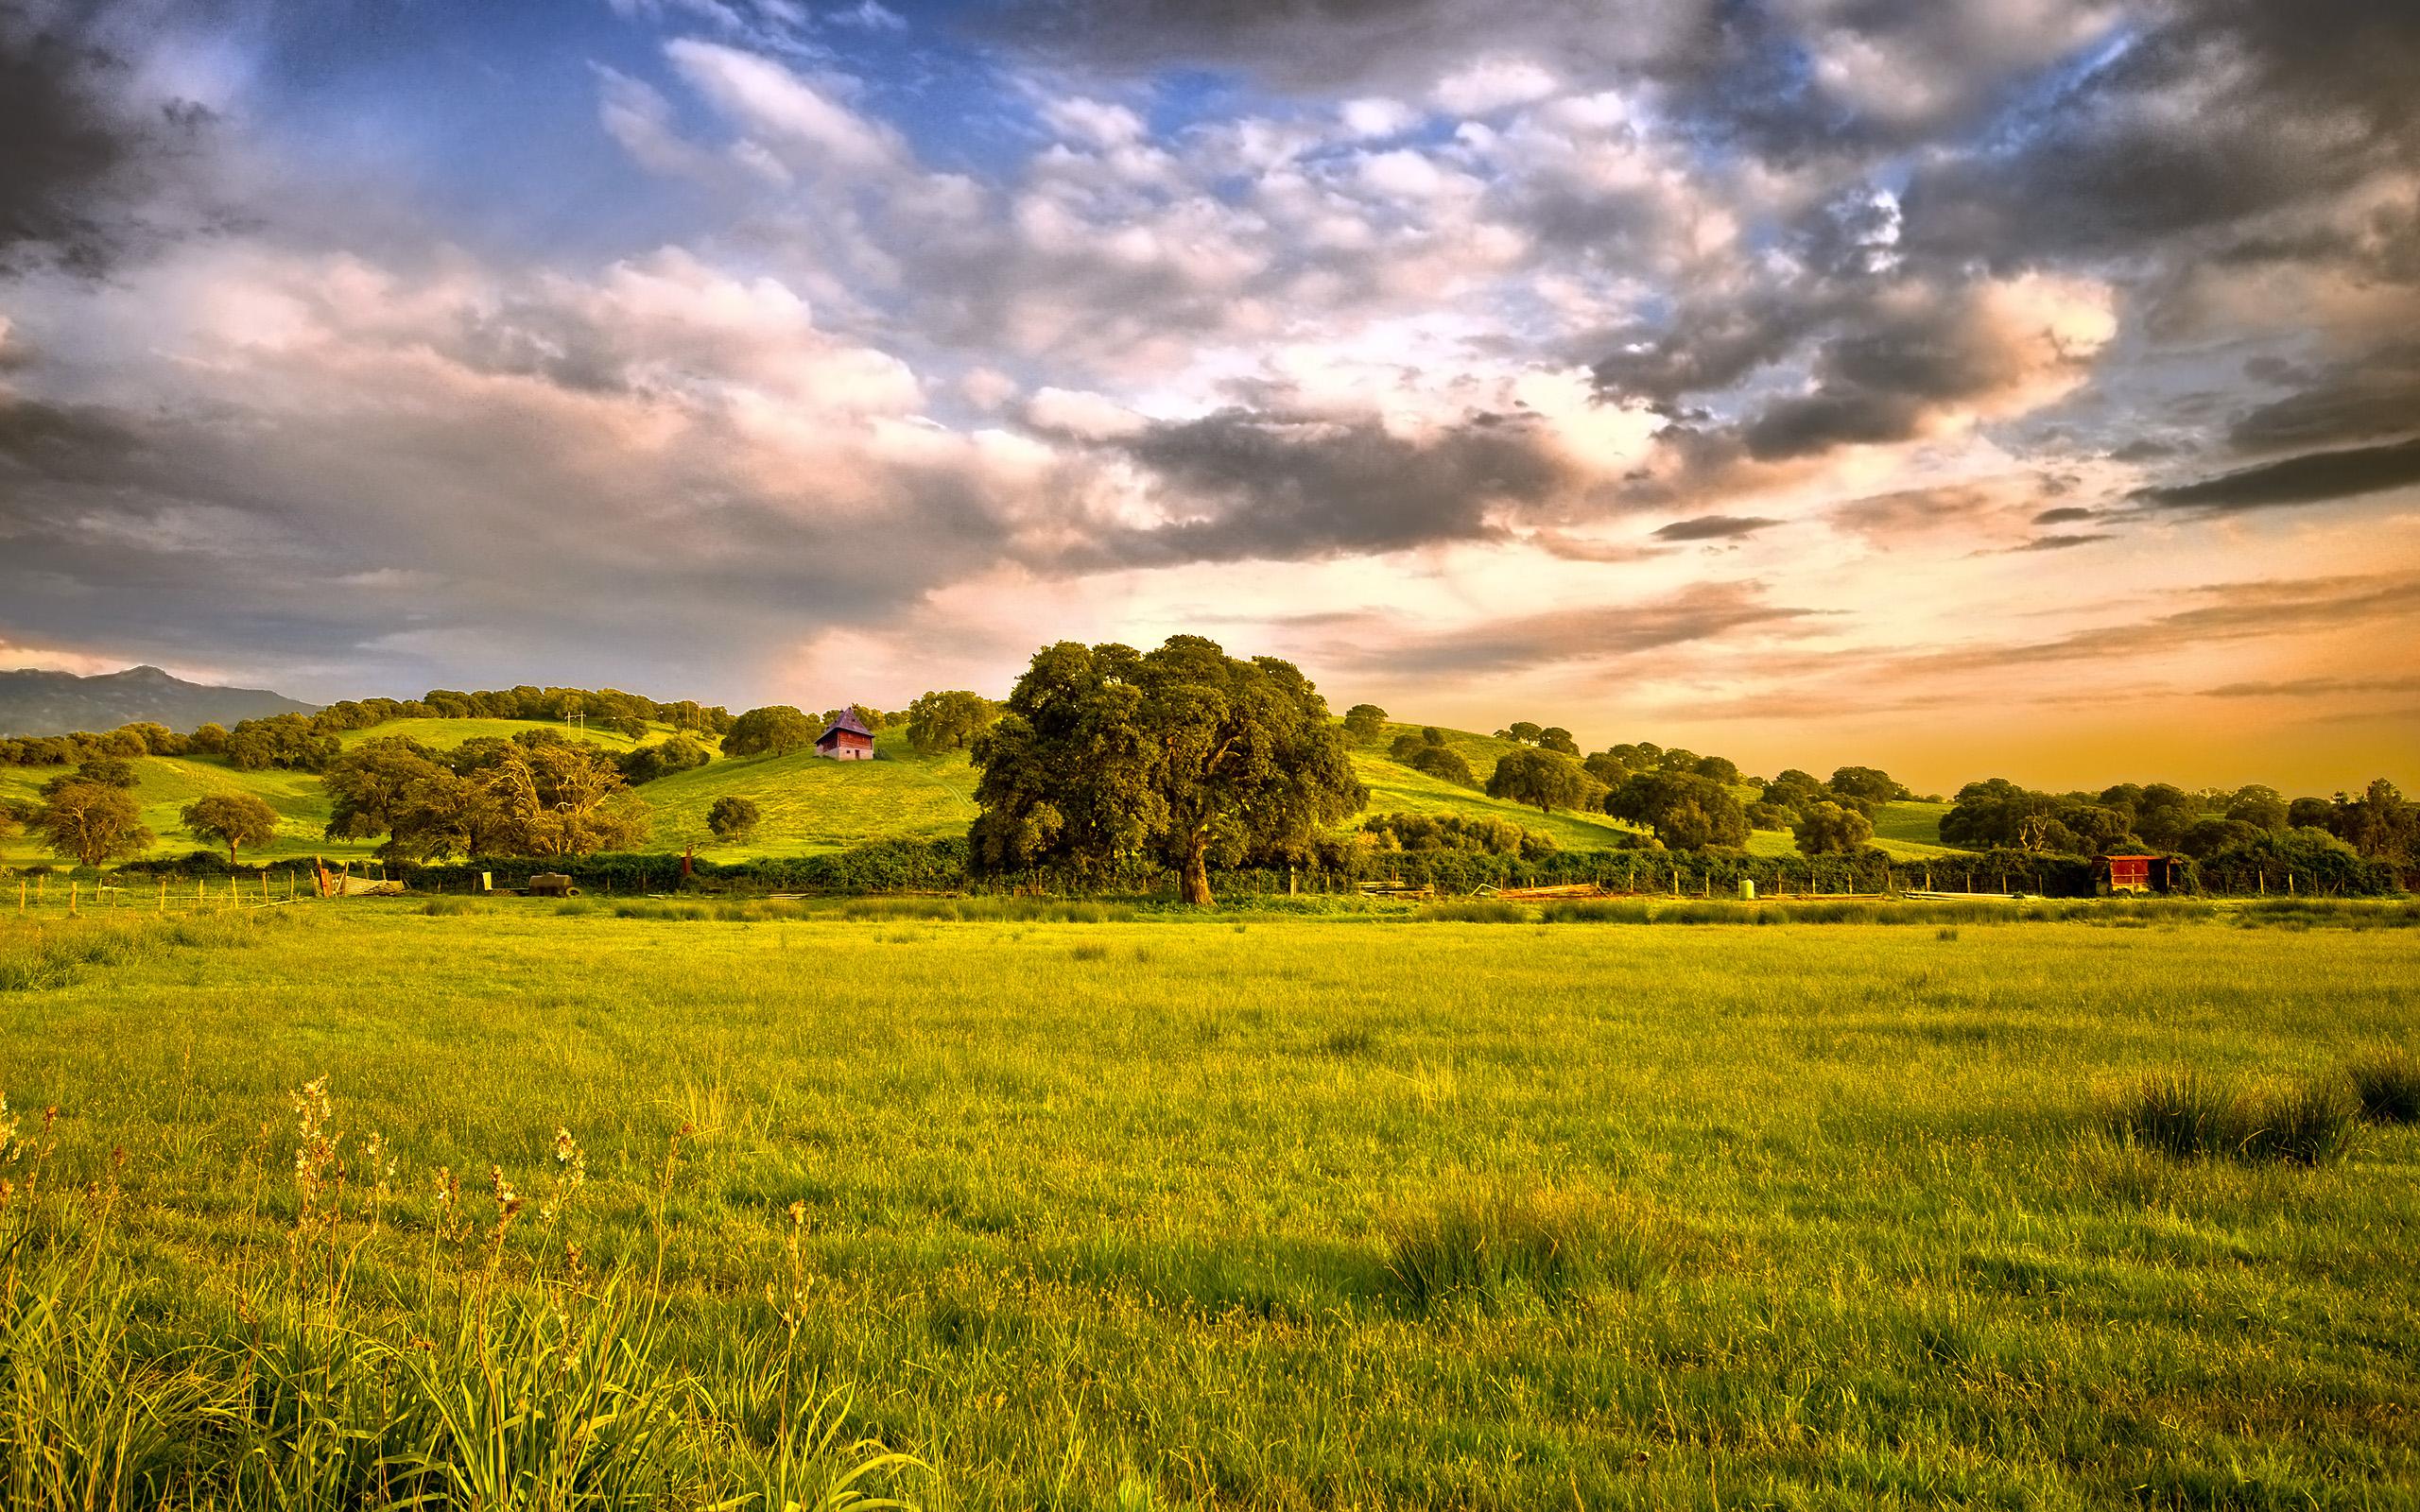 Grass Landscape Grass landscape images idealstalist grass landscape images workwithnaturefo